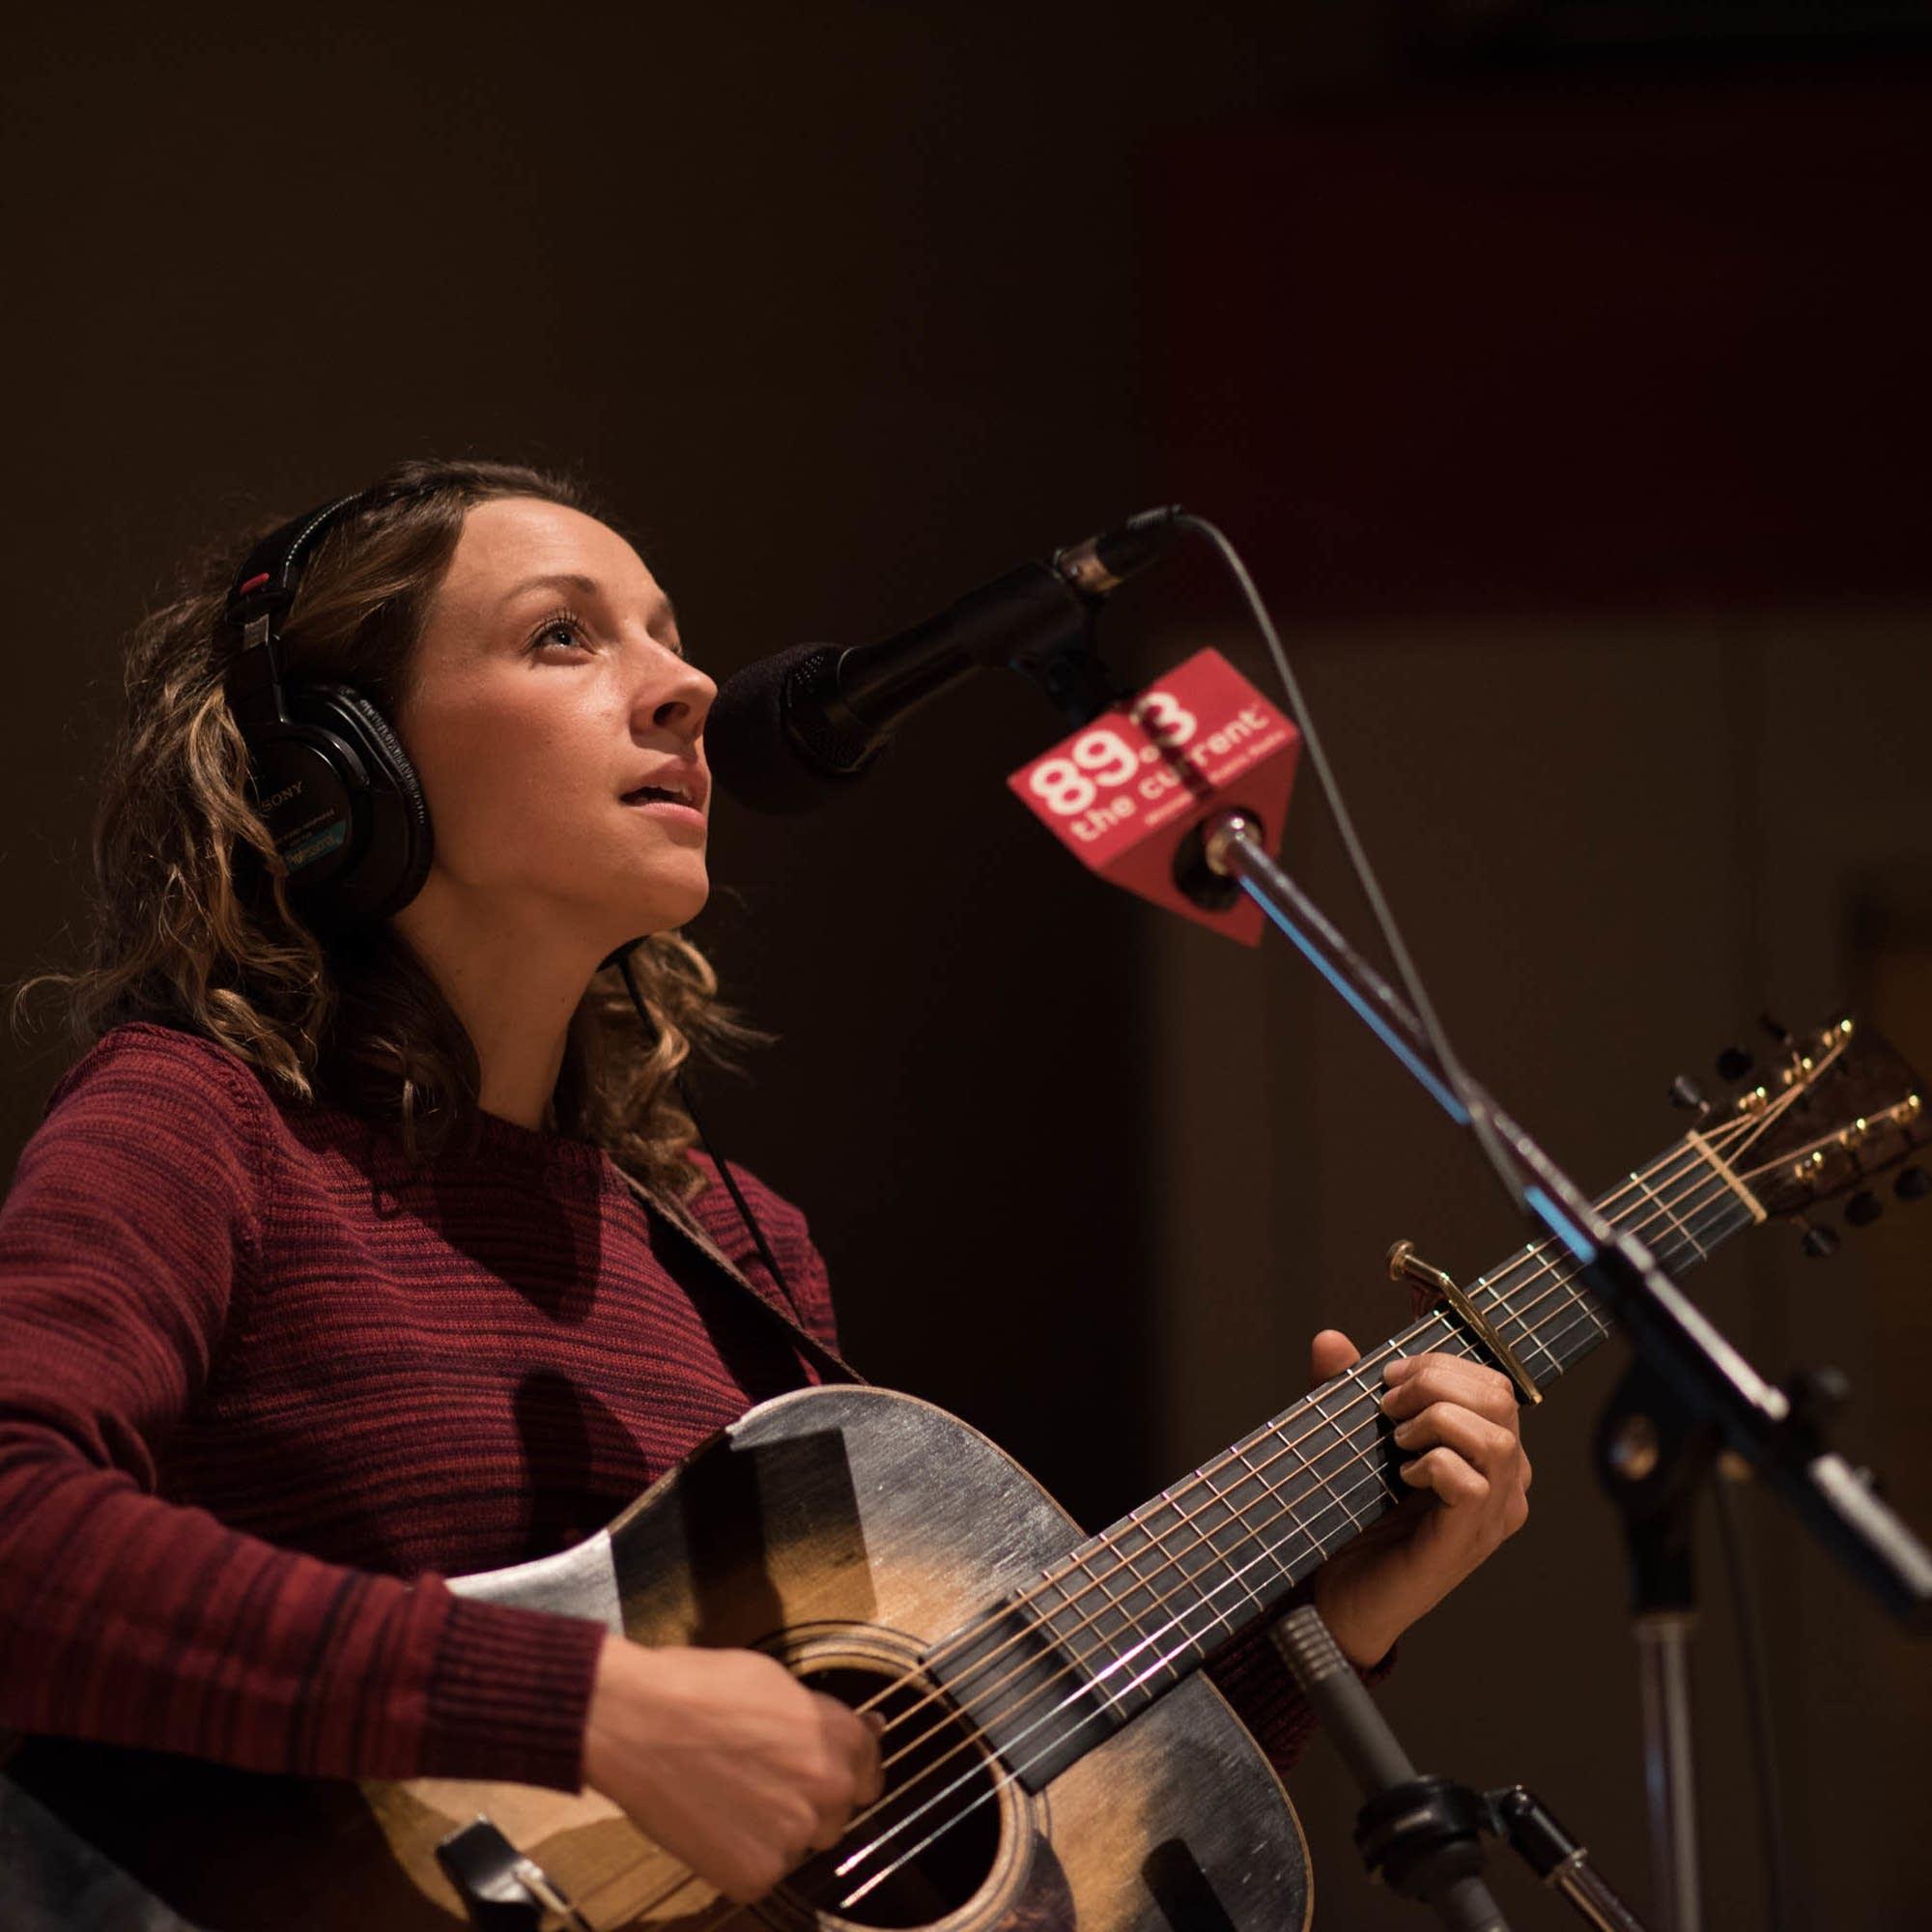 Emily Frantz of Mandolin Orange in studio